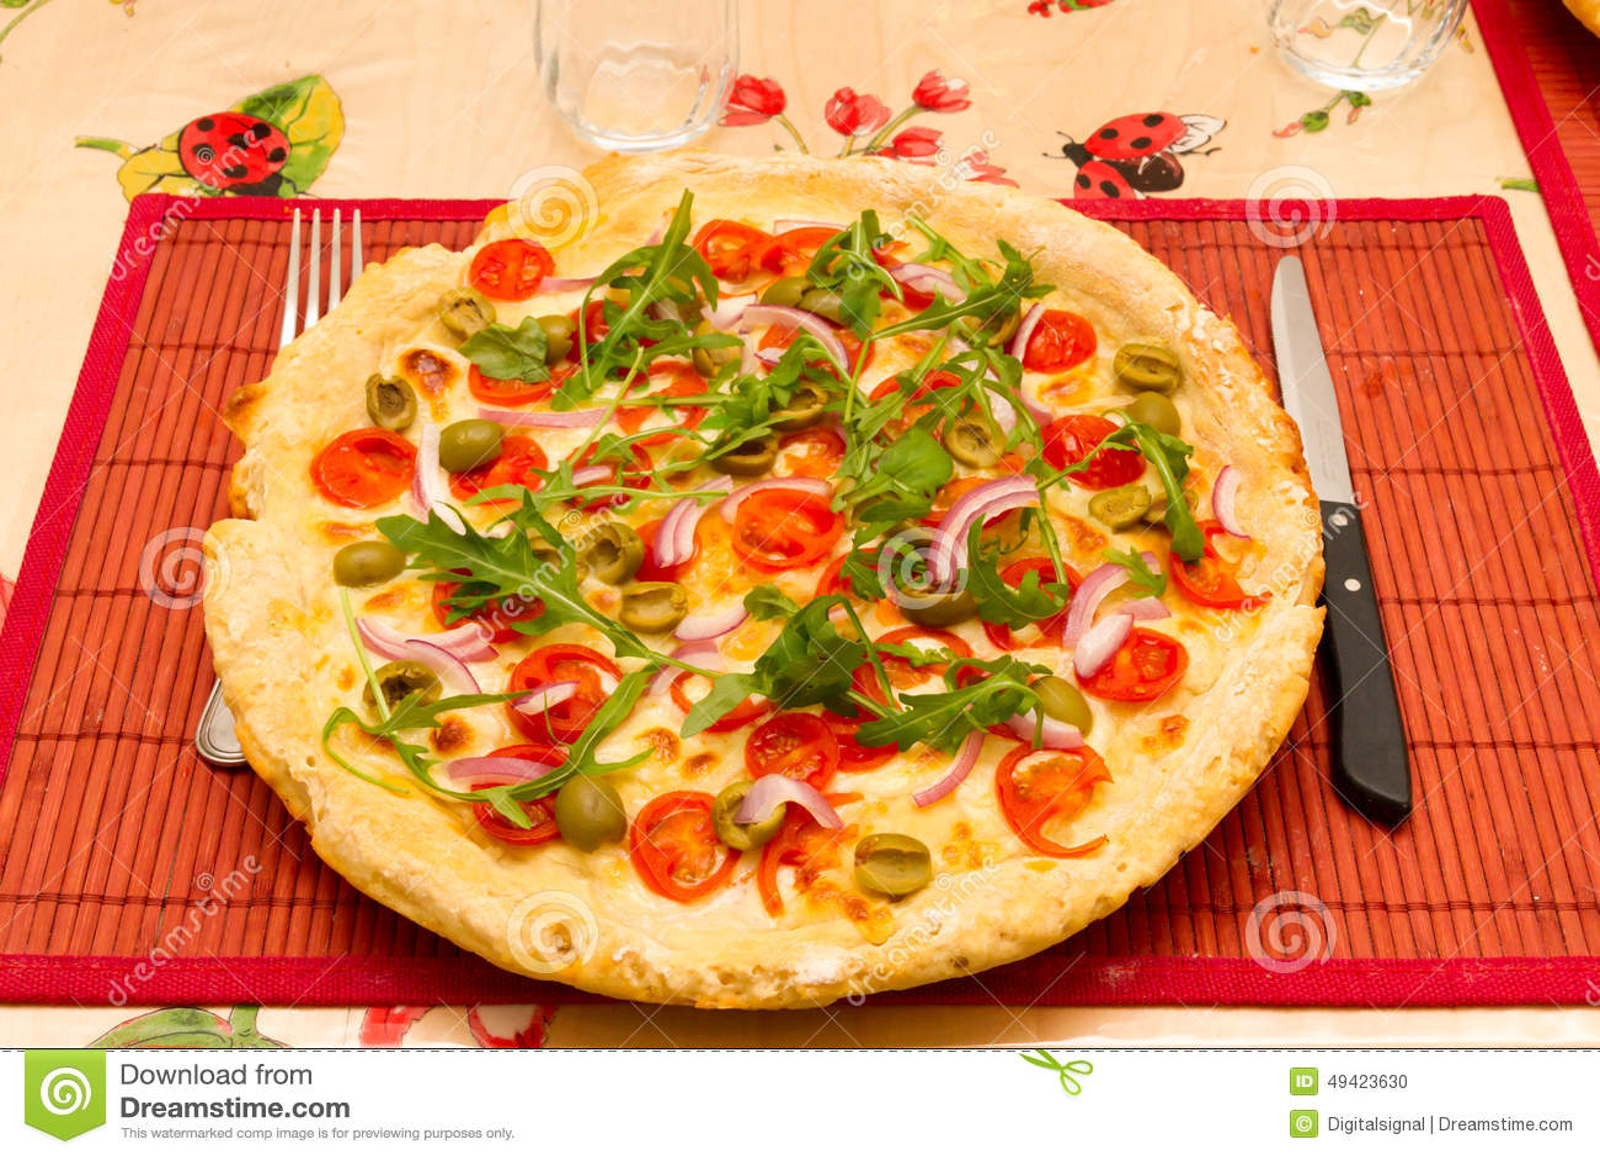 Tavola Da Mangiare.Pizza Italiana Su Un Da Portare In Tavola Da Mangiare